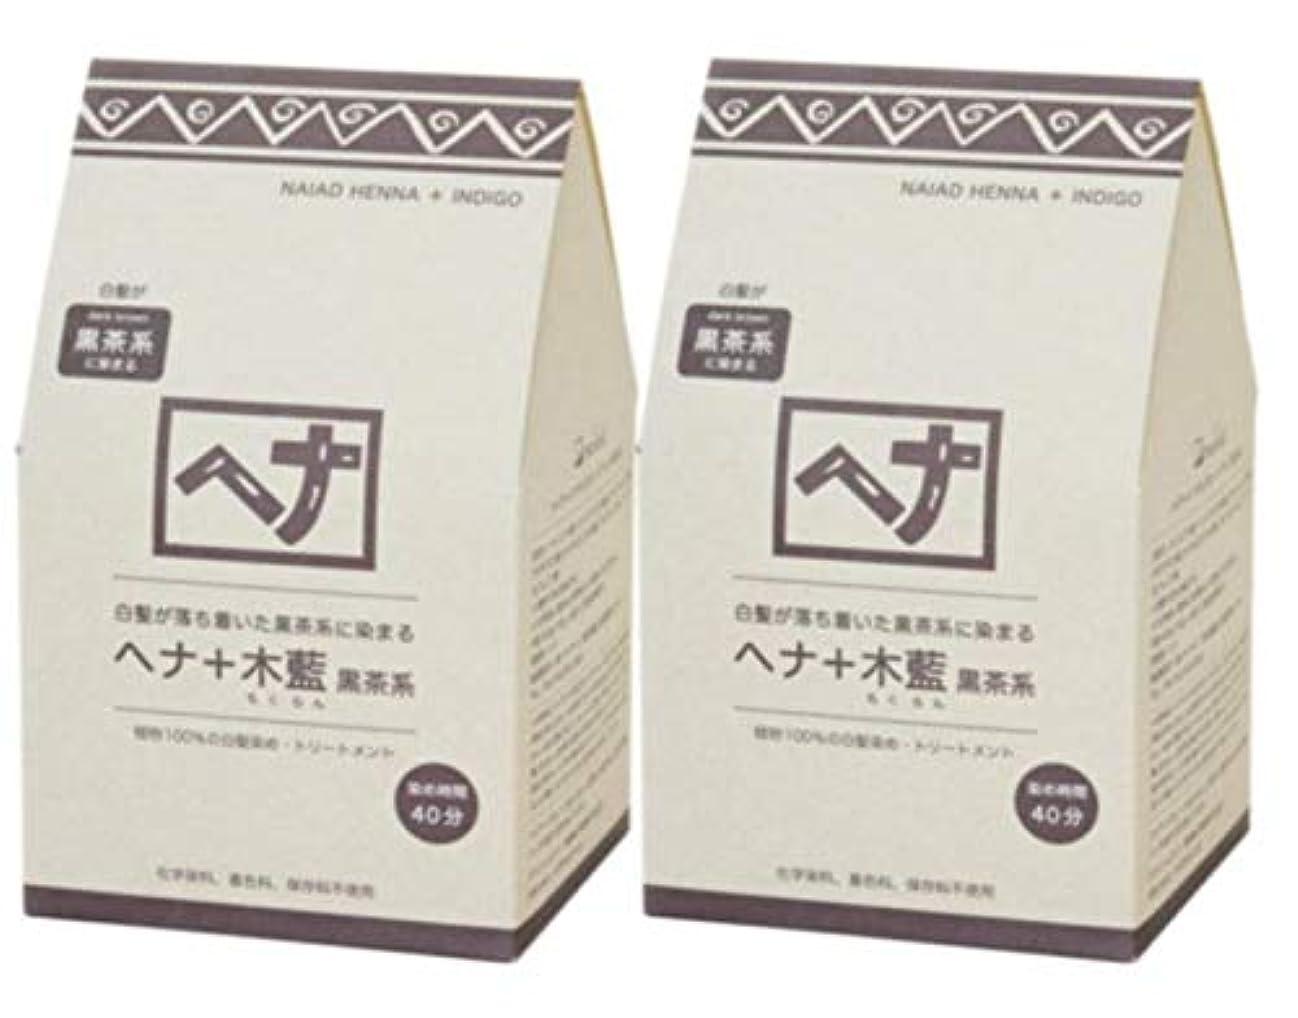 建てる杖概要Naiad(ナイアード) ヘナ+木藍 黒茶系 400g 2個セット